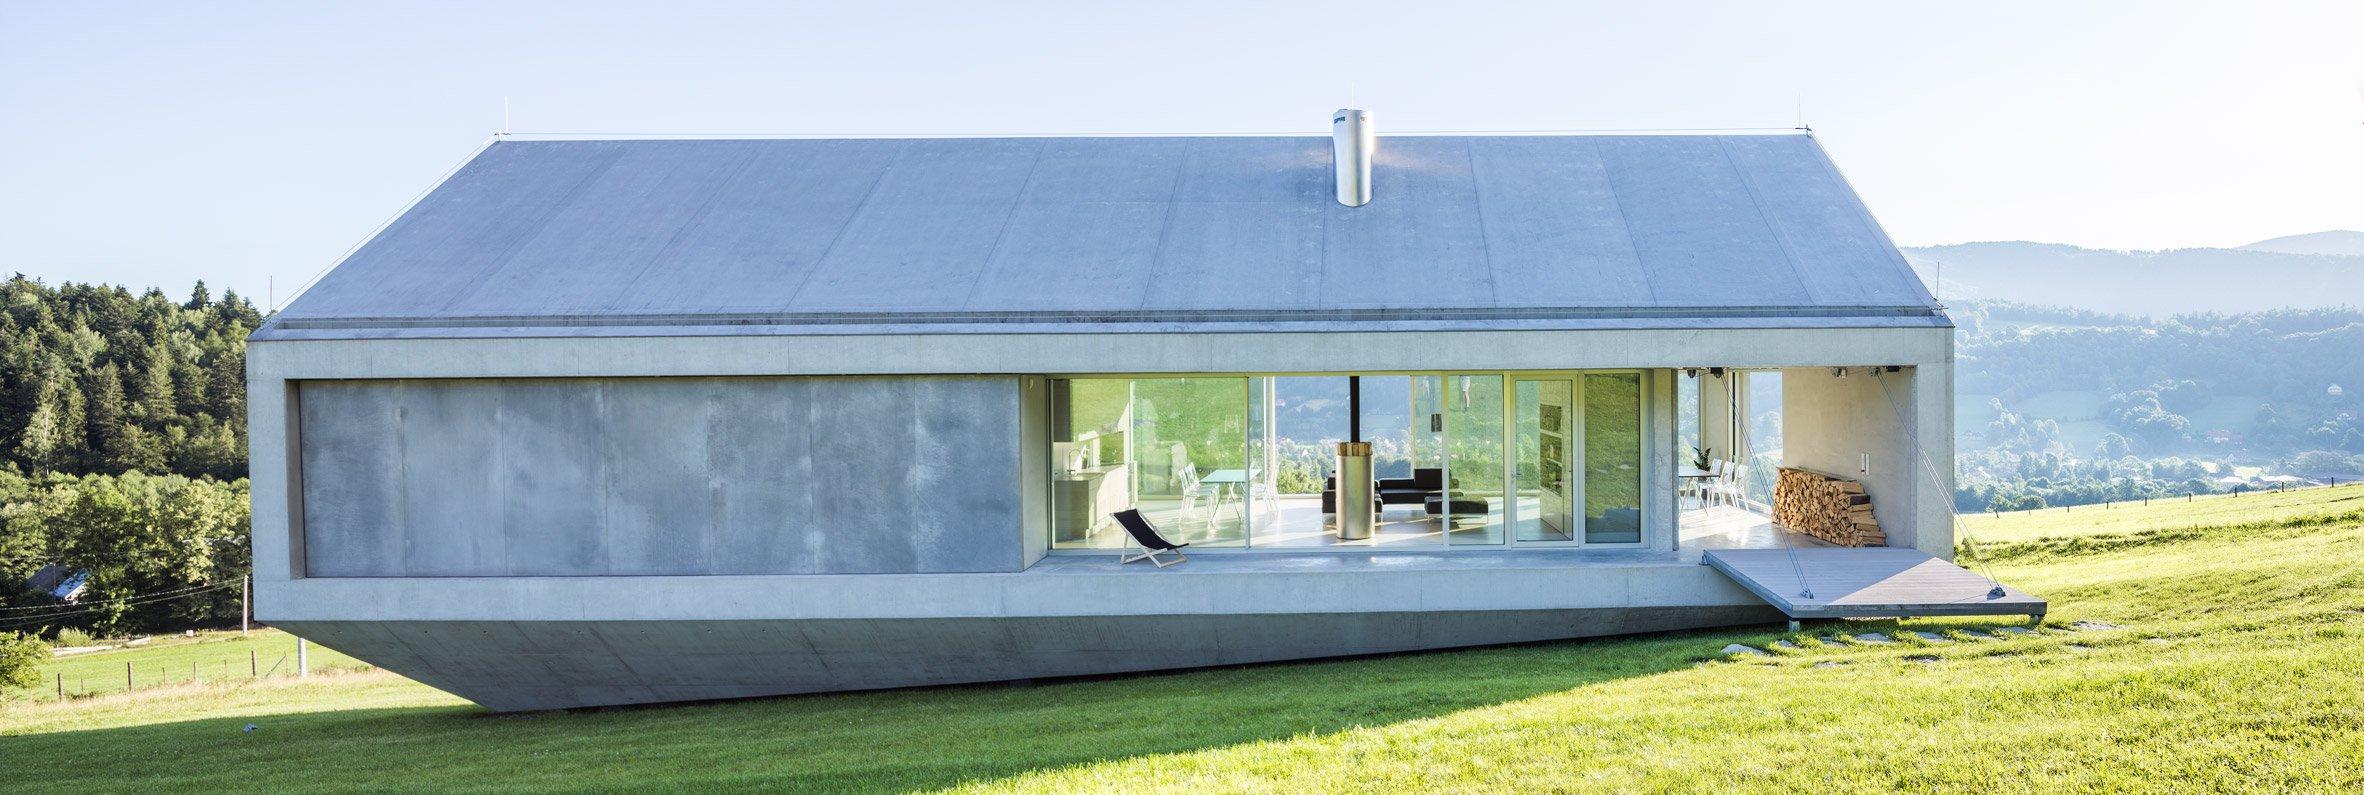 konieczny-ark-robert-konieczny-architecture-residential-krakow-poland-houses_dezeen_2364_col_9